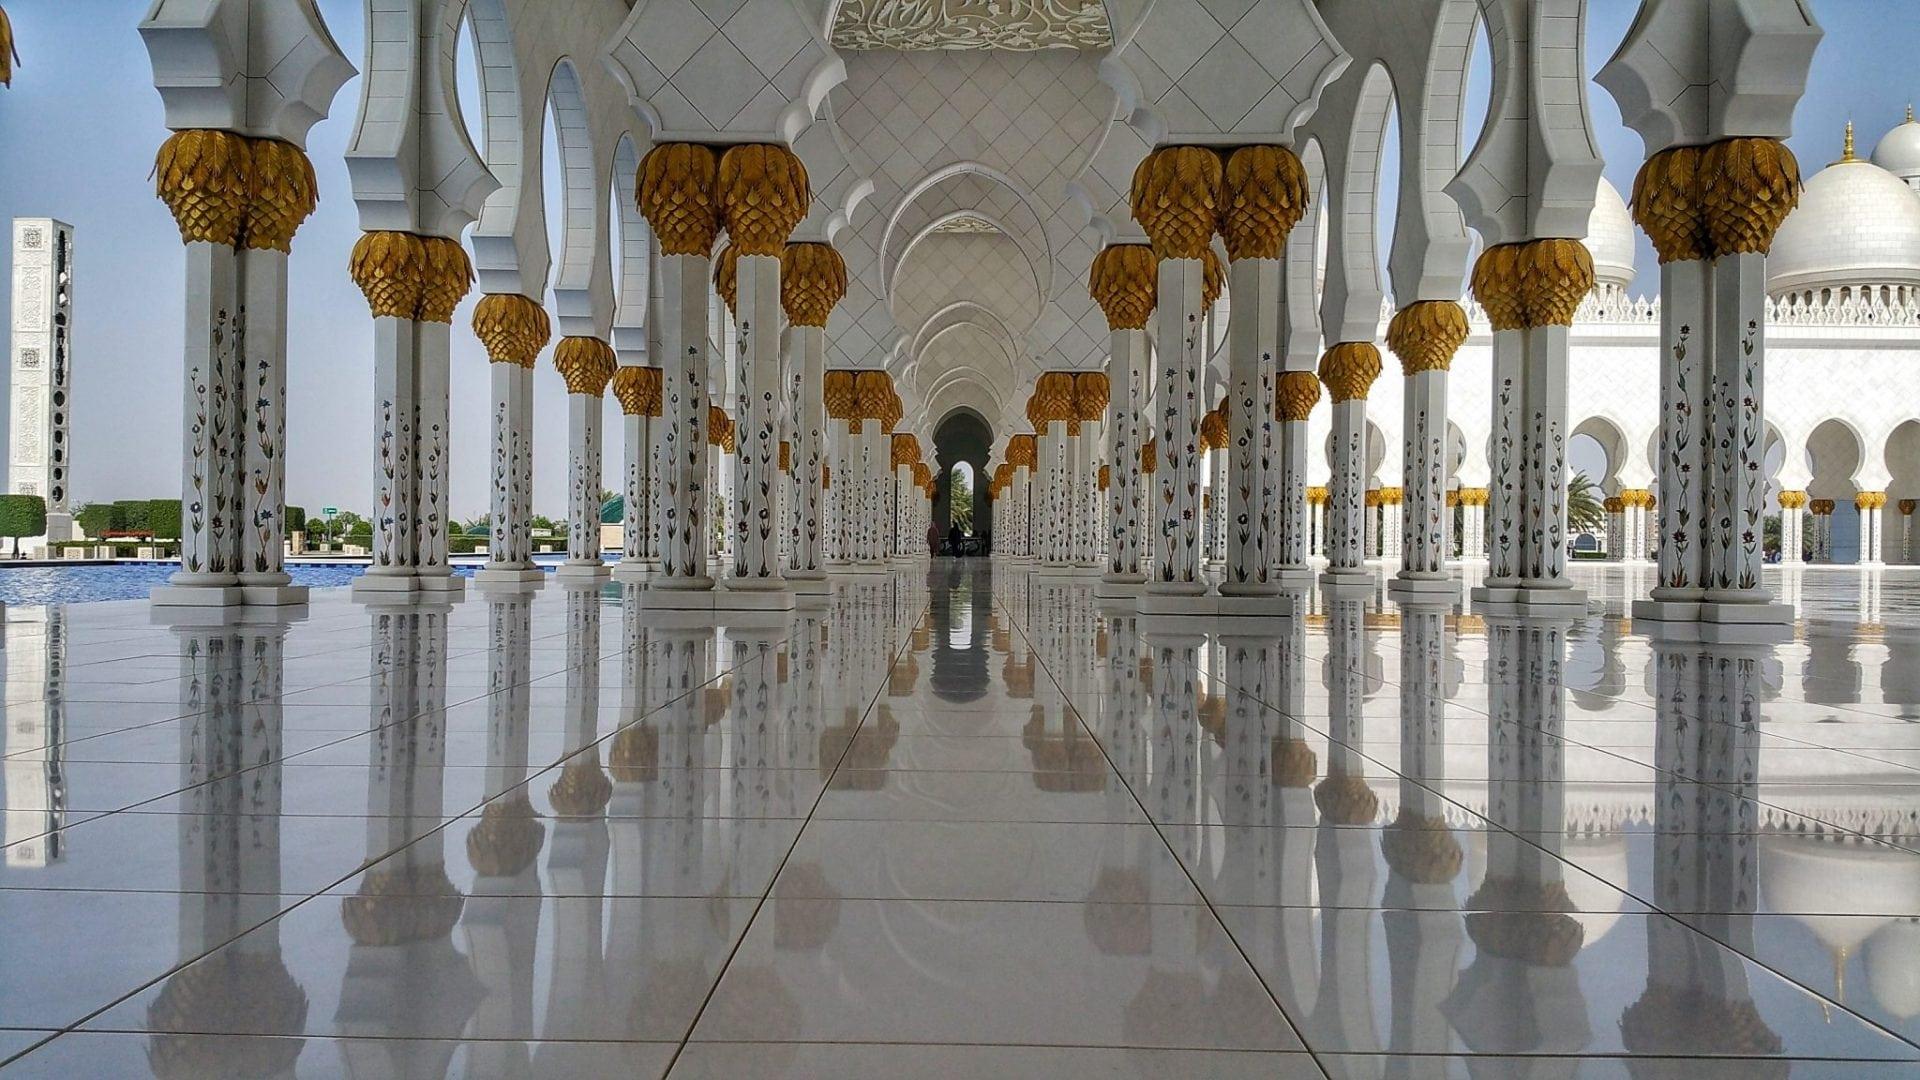 جامع الشيخ زايد - اعمدة رائعة